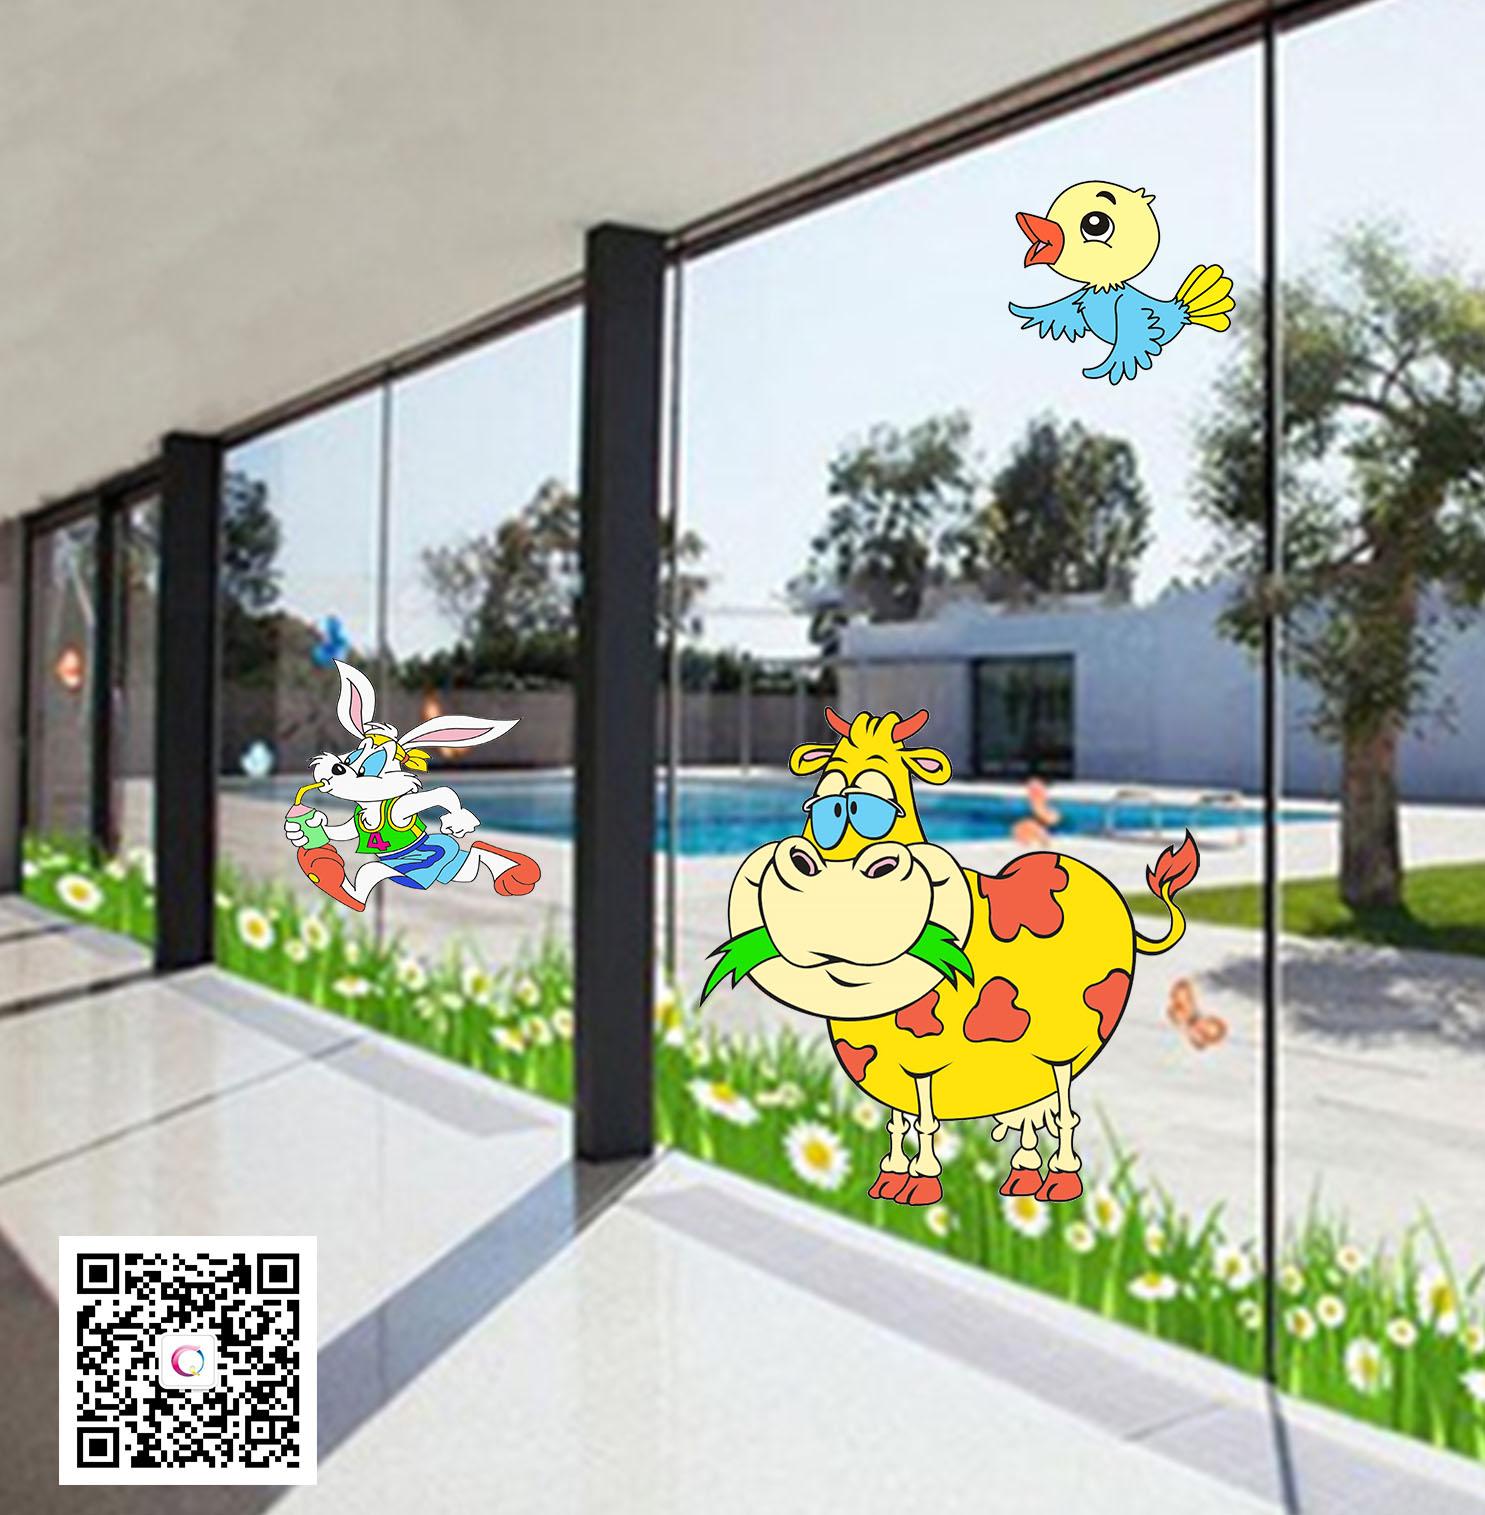 幼儿园玻璃门装饰图_幼儿园玻璃大门的布置-幼儿园大门口布置图片_玻璃大门效果图 ...